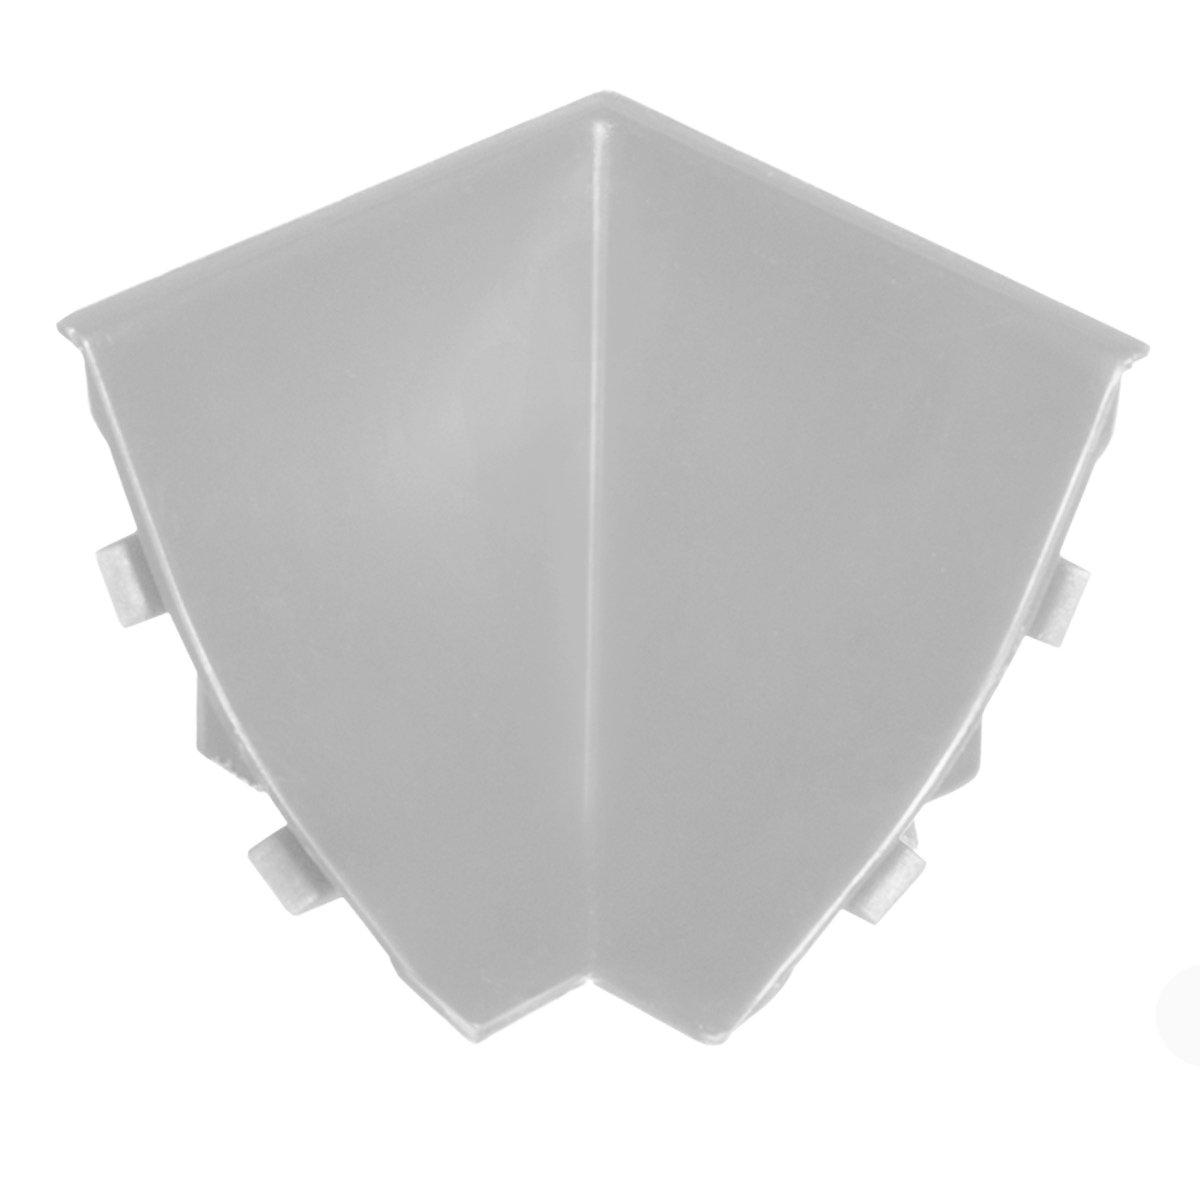 HOLZBRINK Innenecke passend zum Dekor Ihrer Abschlussleisten Schwarz Innenkante PVC K/üchenabschlussleiste 23x23 mm